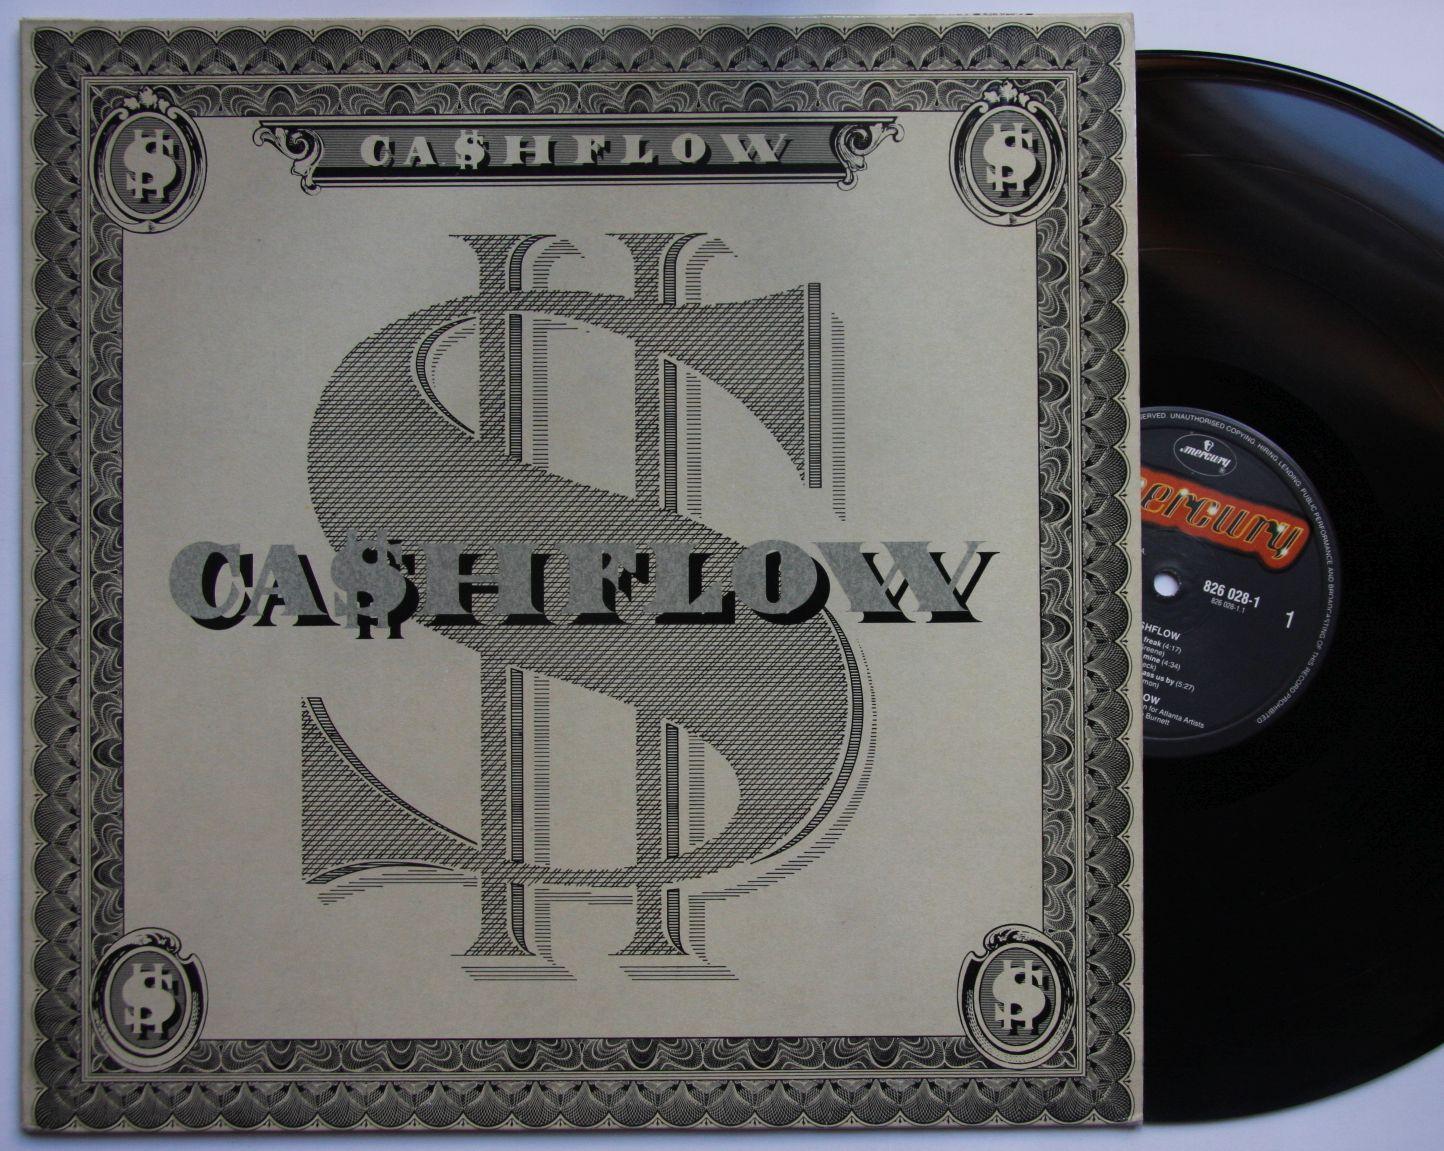 Cashflow - Cashflow Album